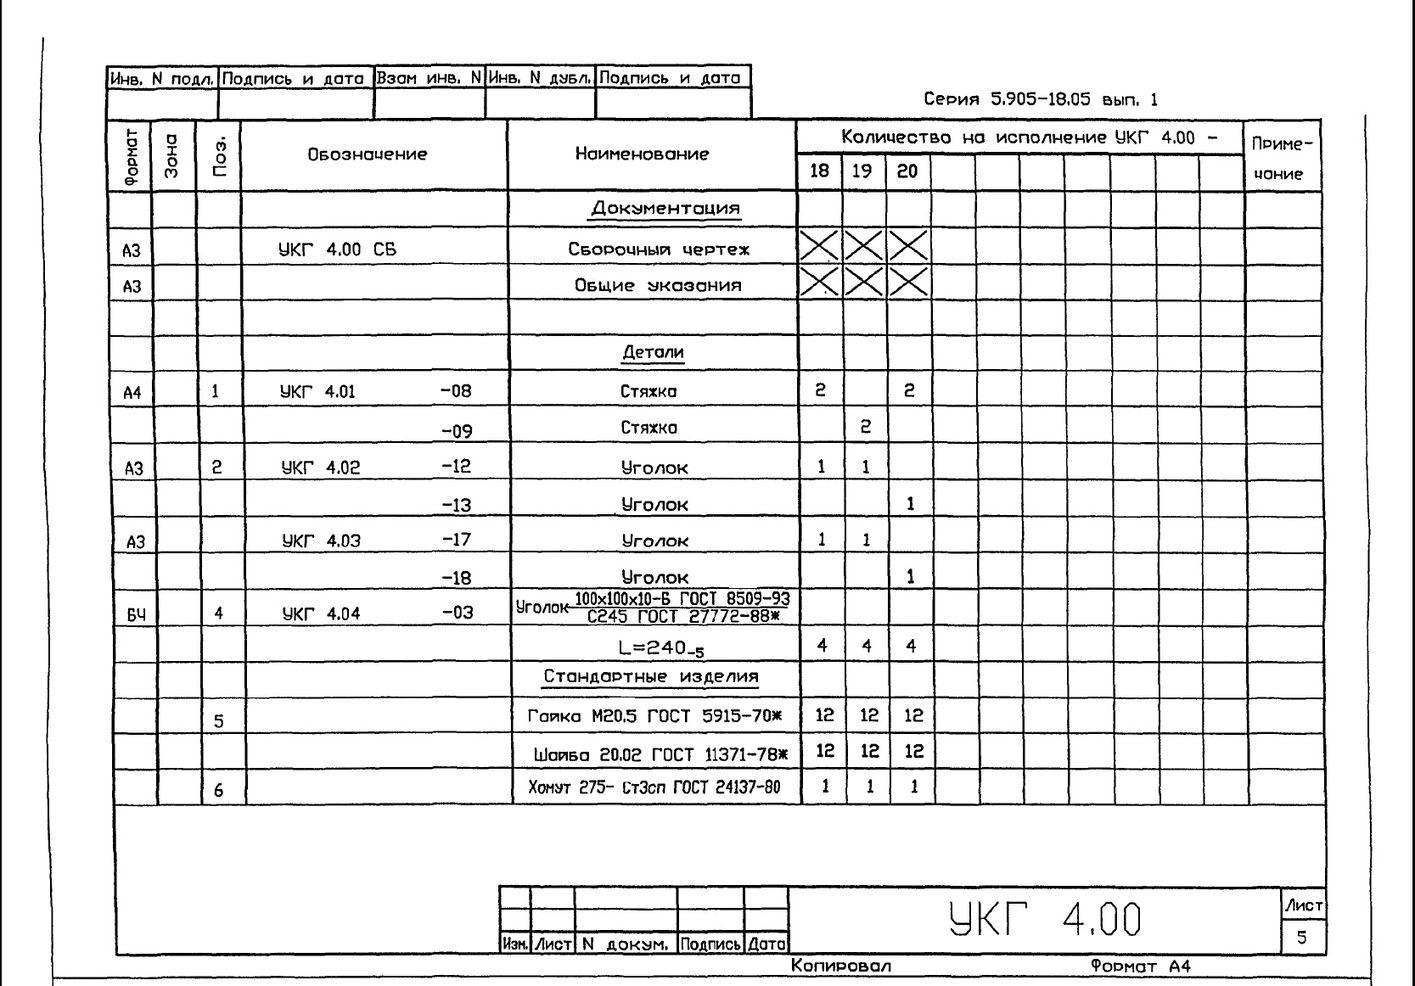 Крепление горизонтального газопровода Ду 50...250 мм к железобетонной колонне УКГ 4.00 СБ серия 5.905-18.05 выпуск 1 стр.6